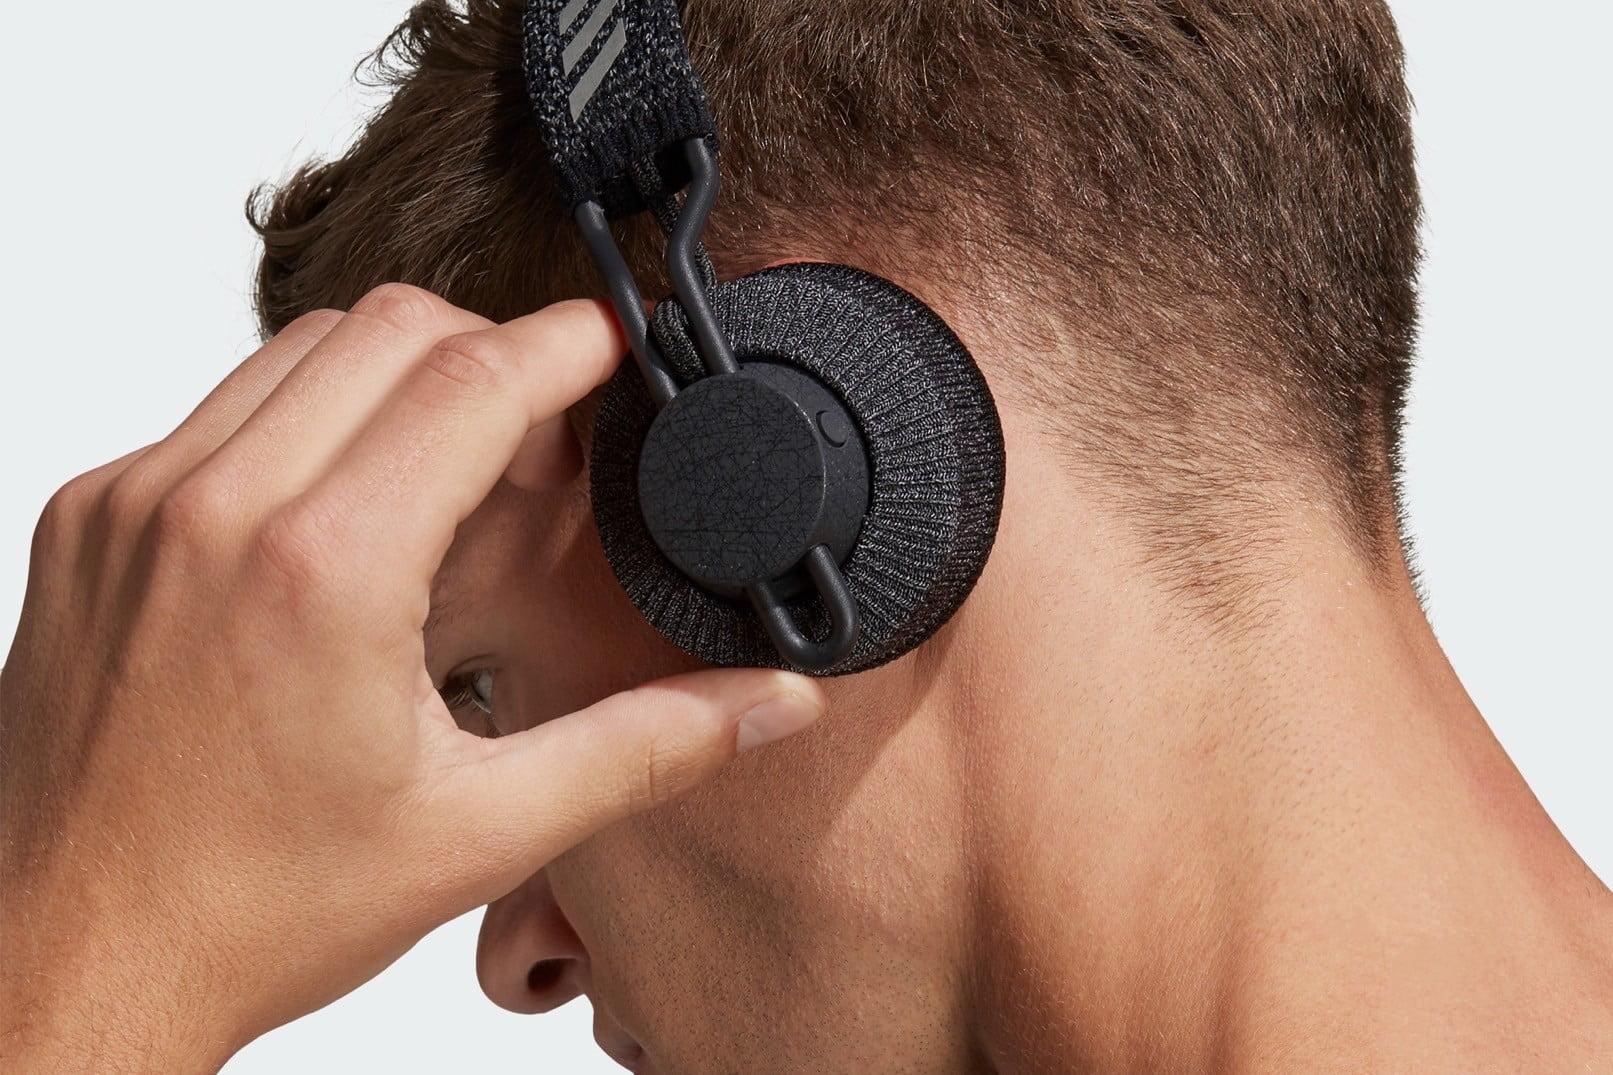 Melhores fones de ouvido esportivos: Fones de ouvido esportivos sem fio Adidas RPT-01